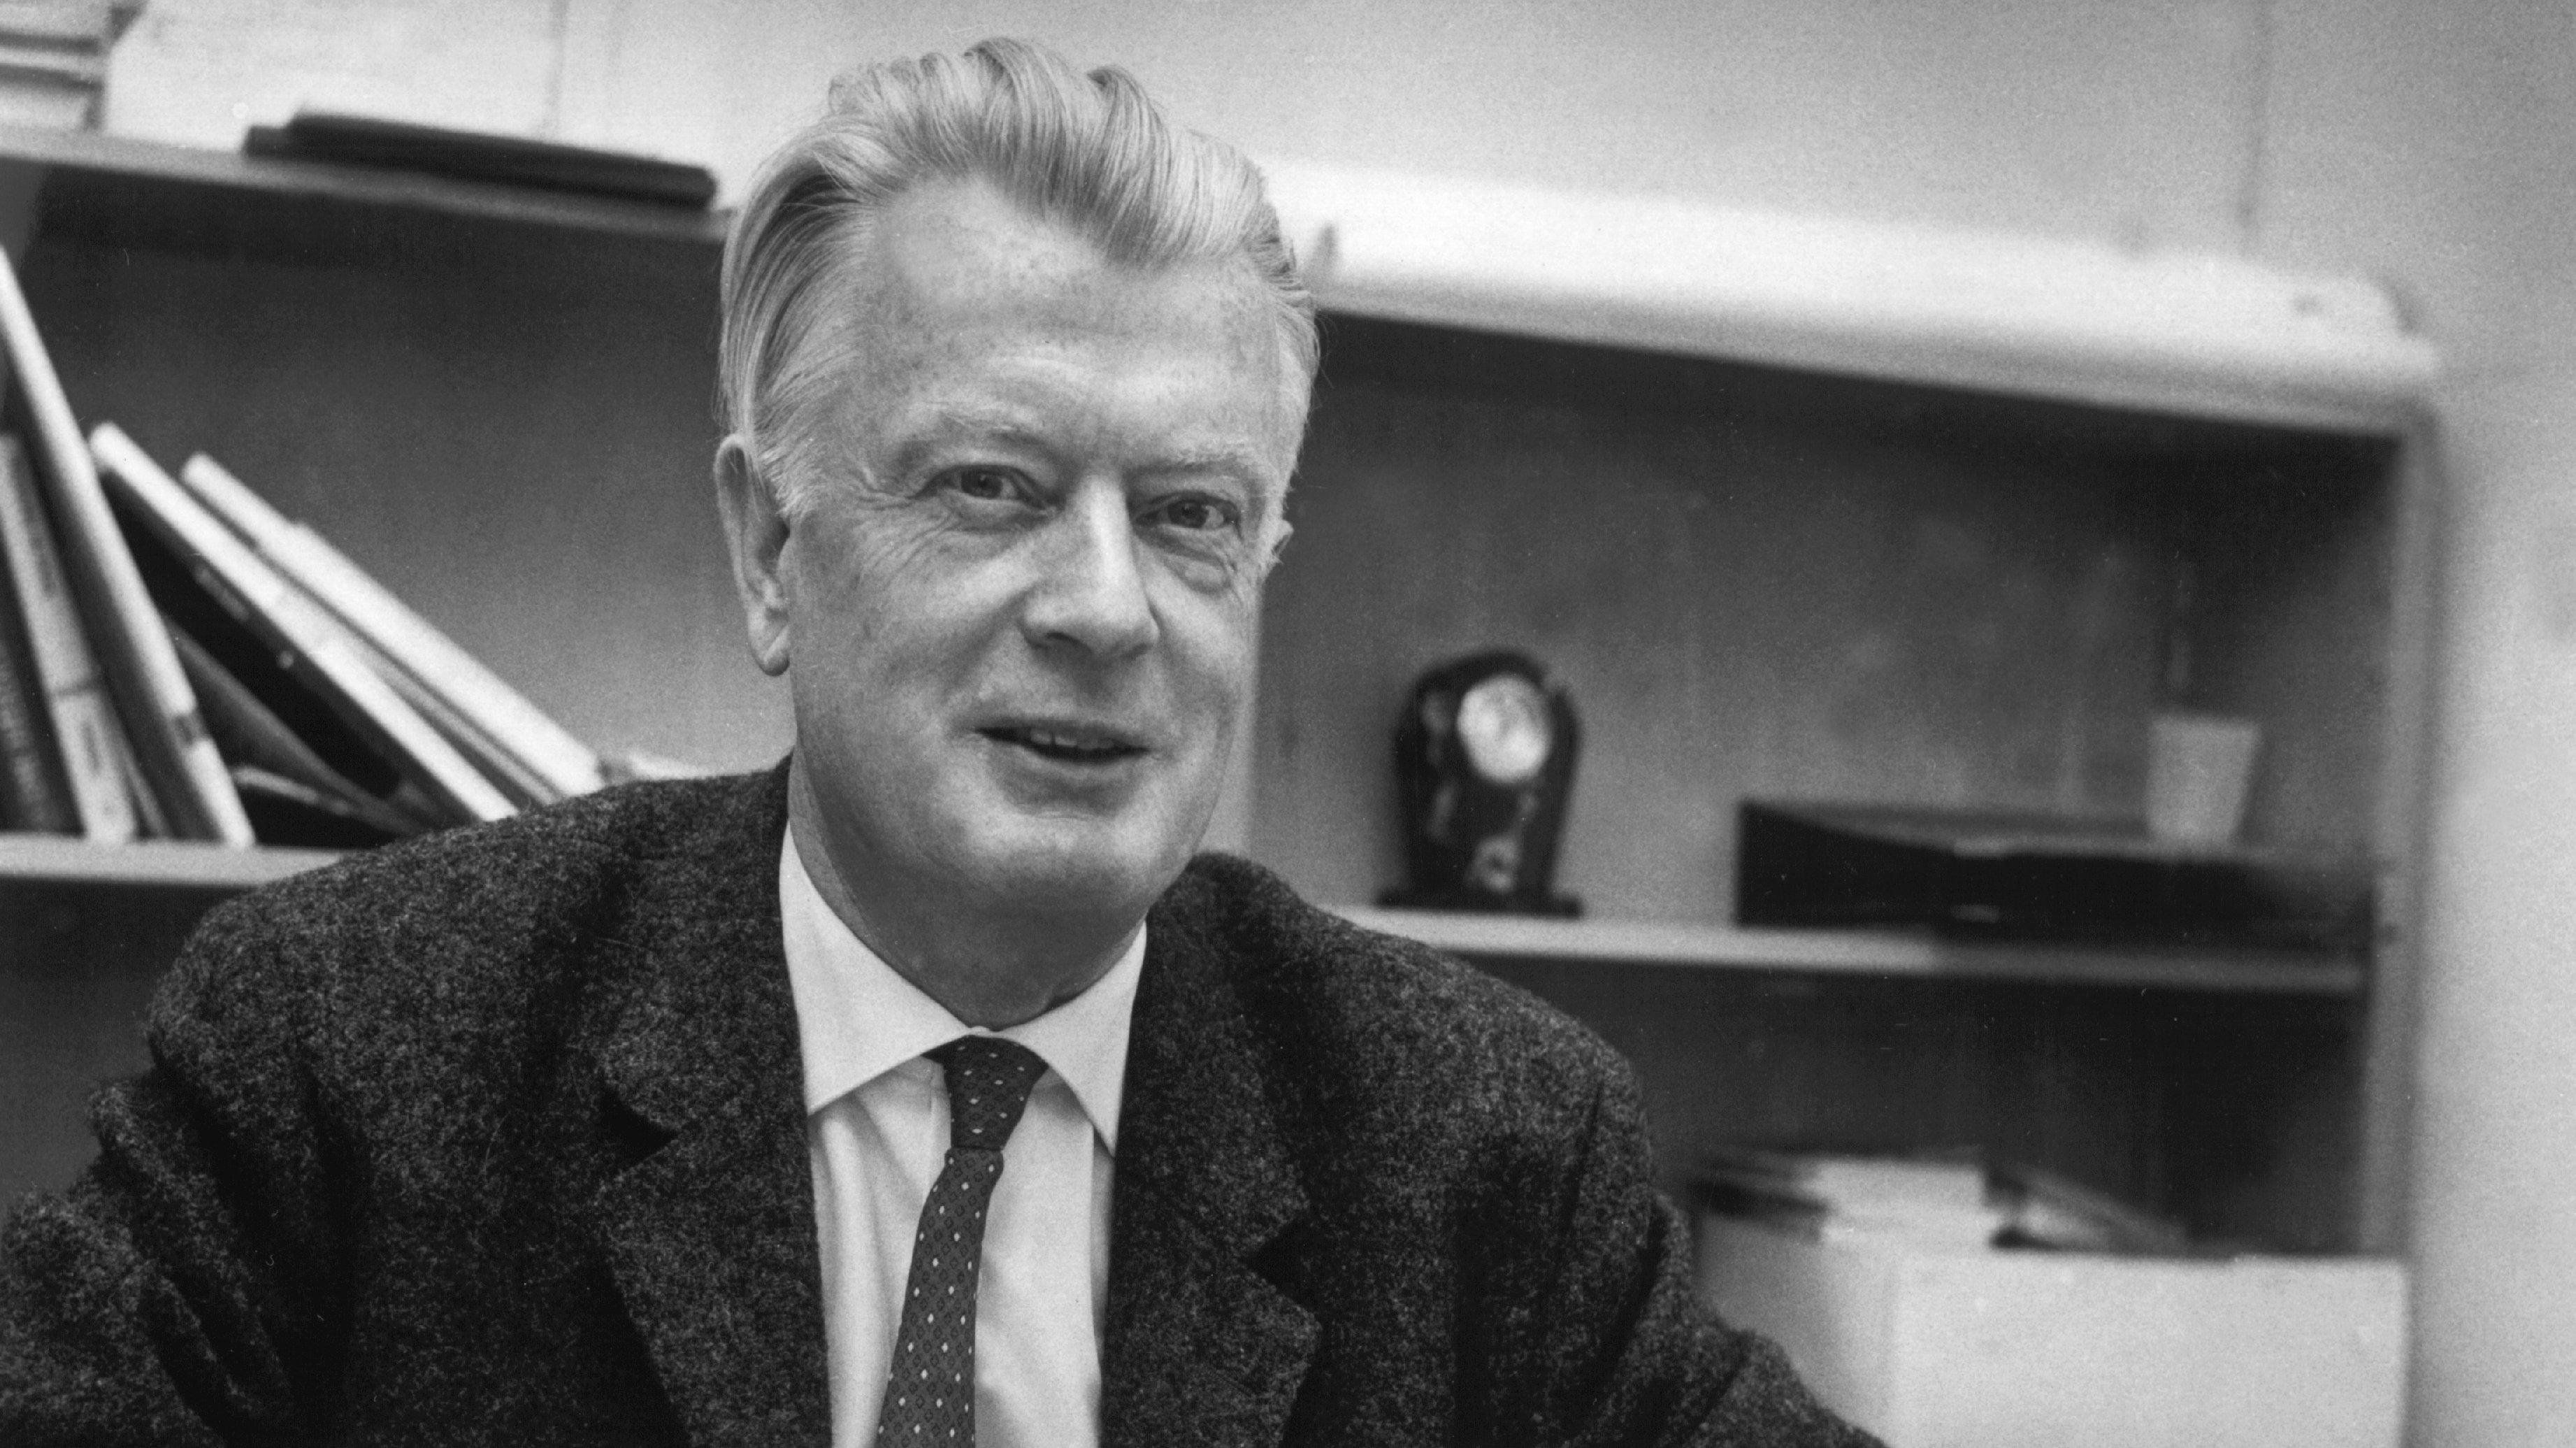 Pfarrer Harald Poelchau am 4. Oktober 1968